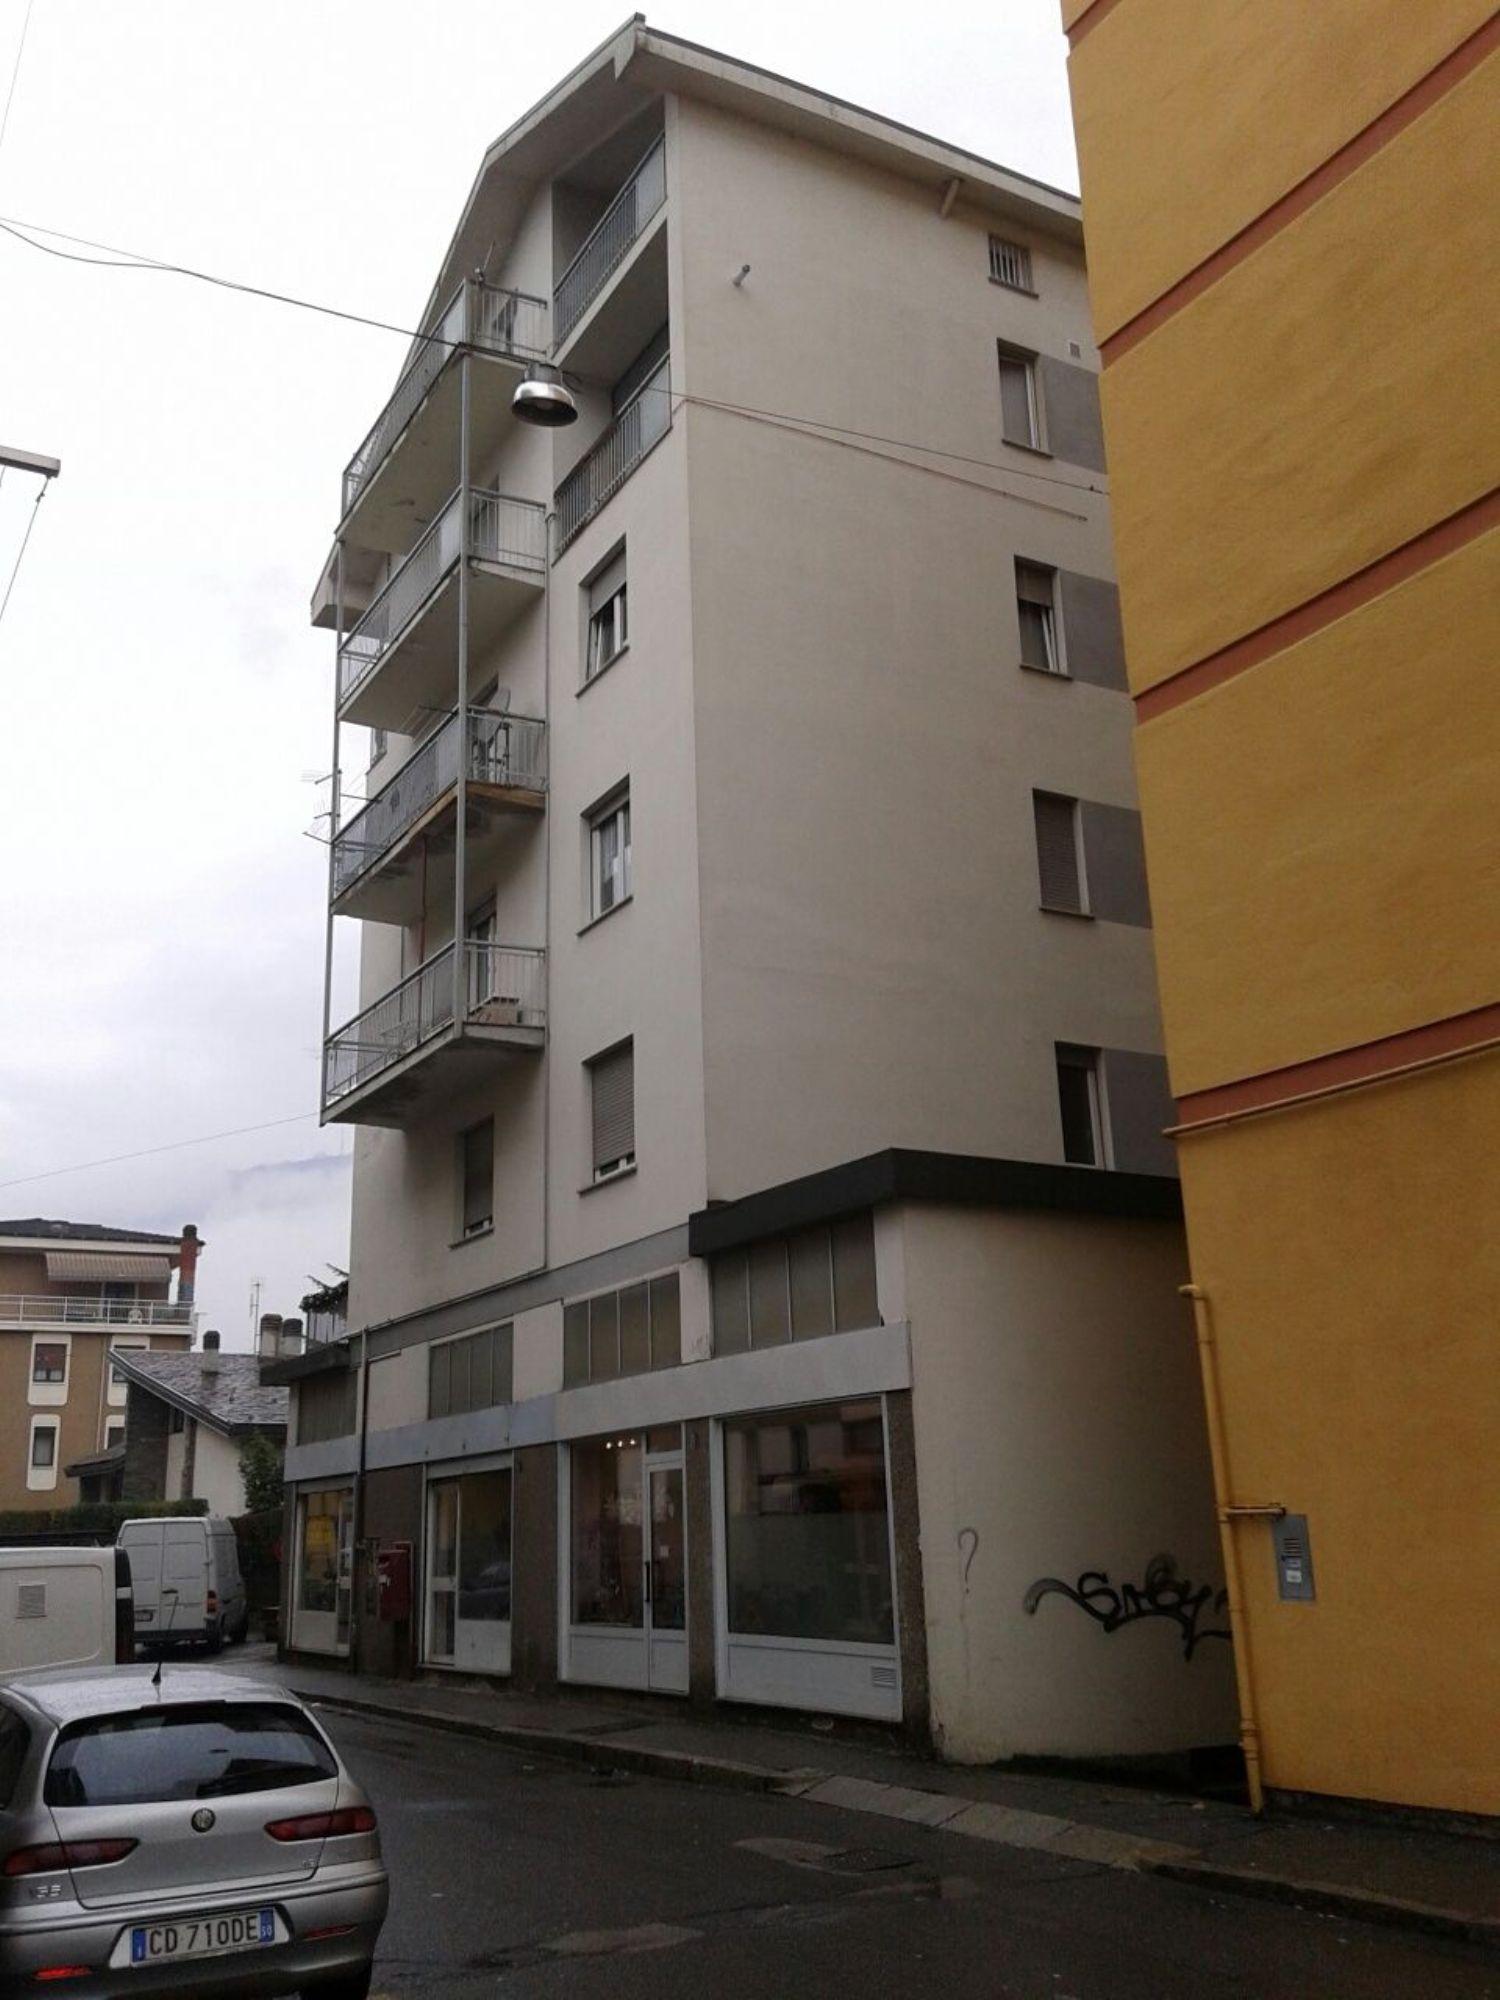 Immobile Commerciale in affitto a Sondrio, 9999 locali, prezzo € 400 | Cambio Casa.it